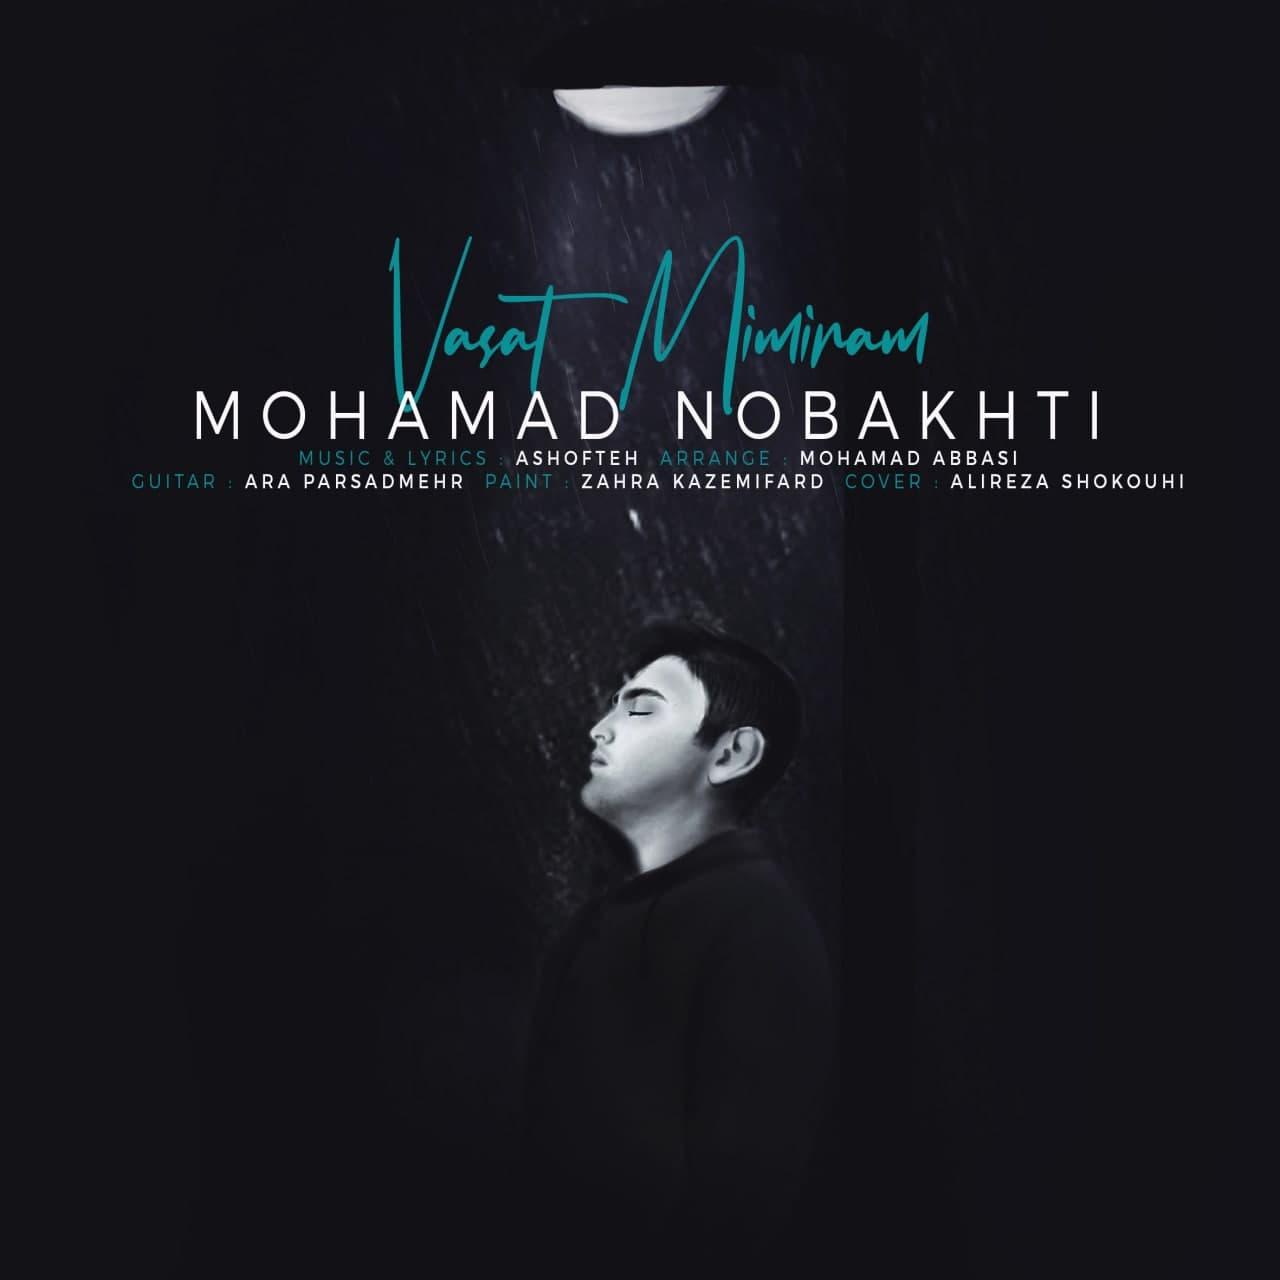 دانلود موزیک جدید محمد نوبختی واست میمیرم